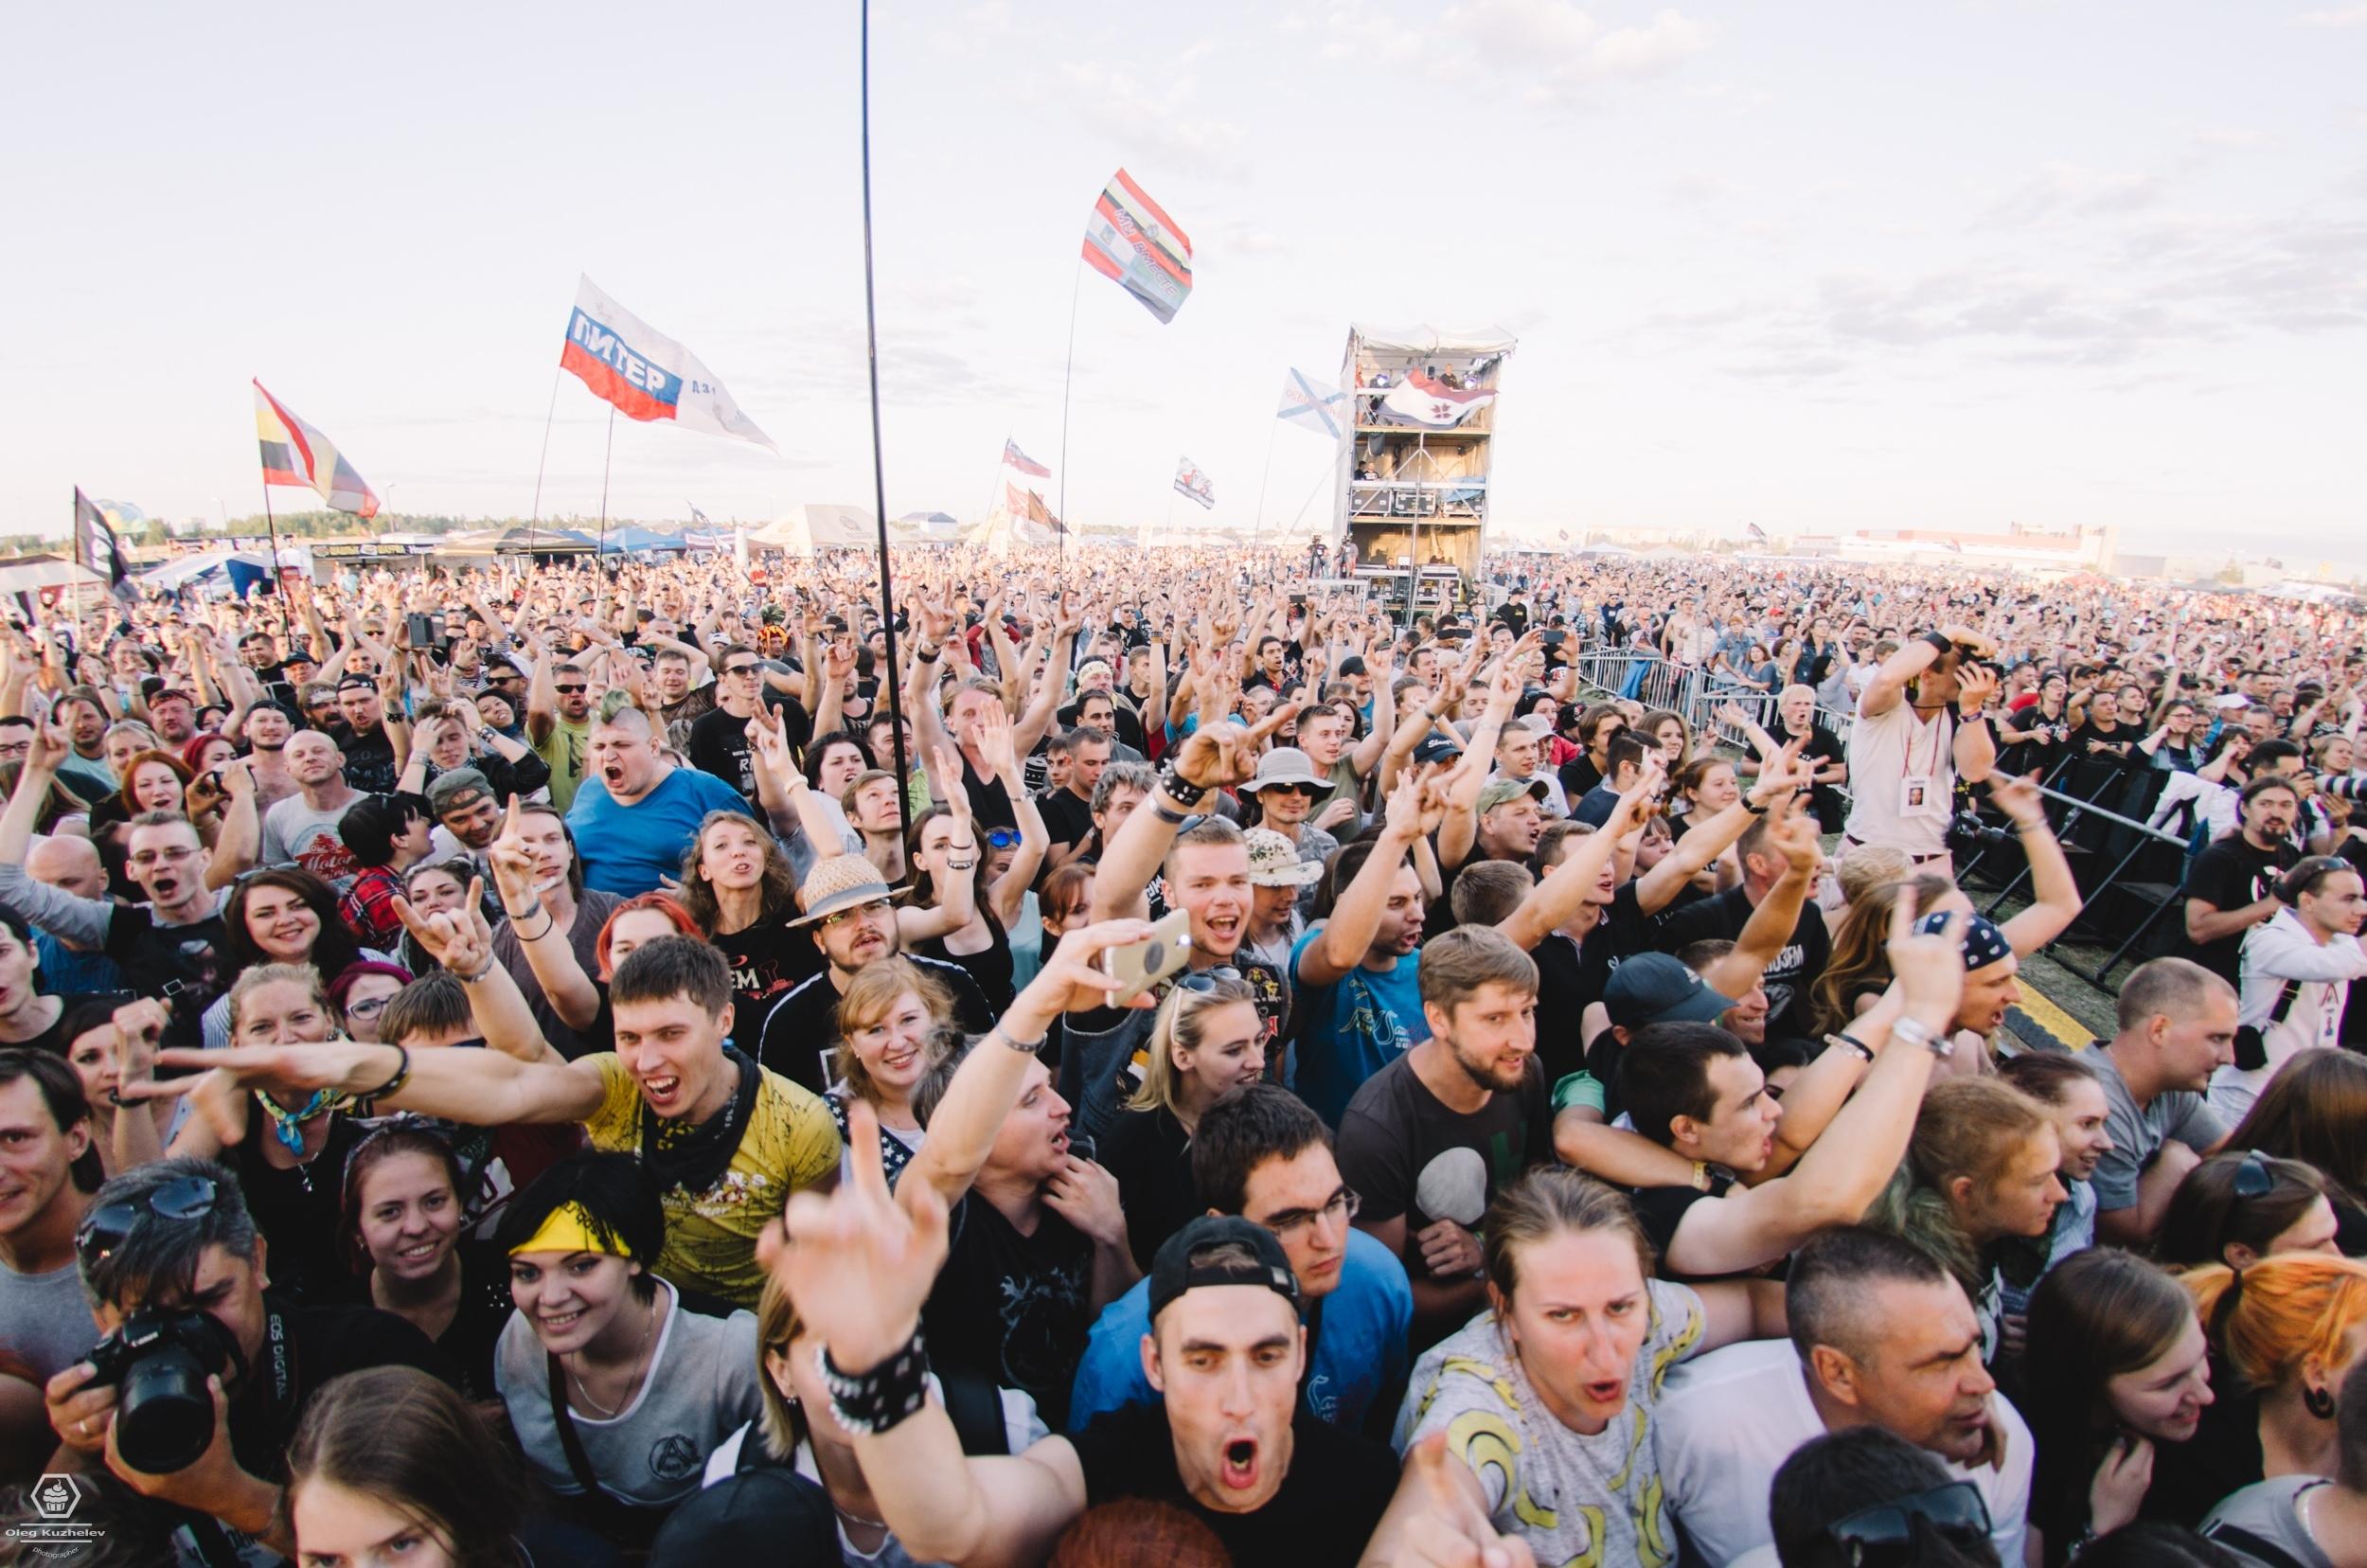 салоны, картинки рок фестиваль чернозем выбор цены